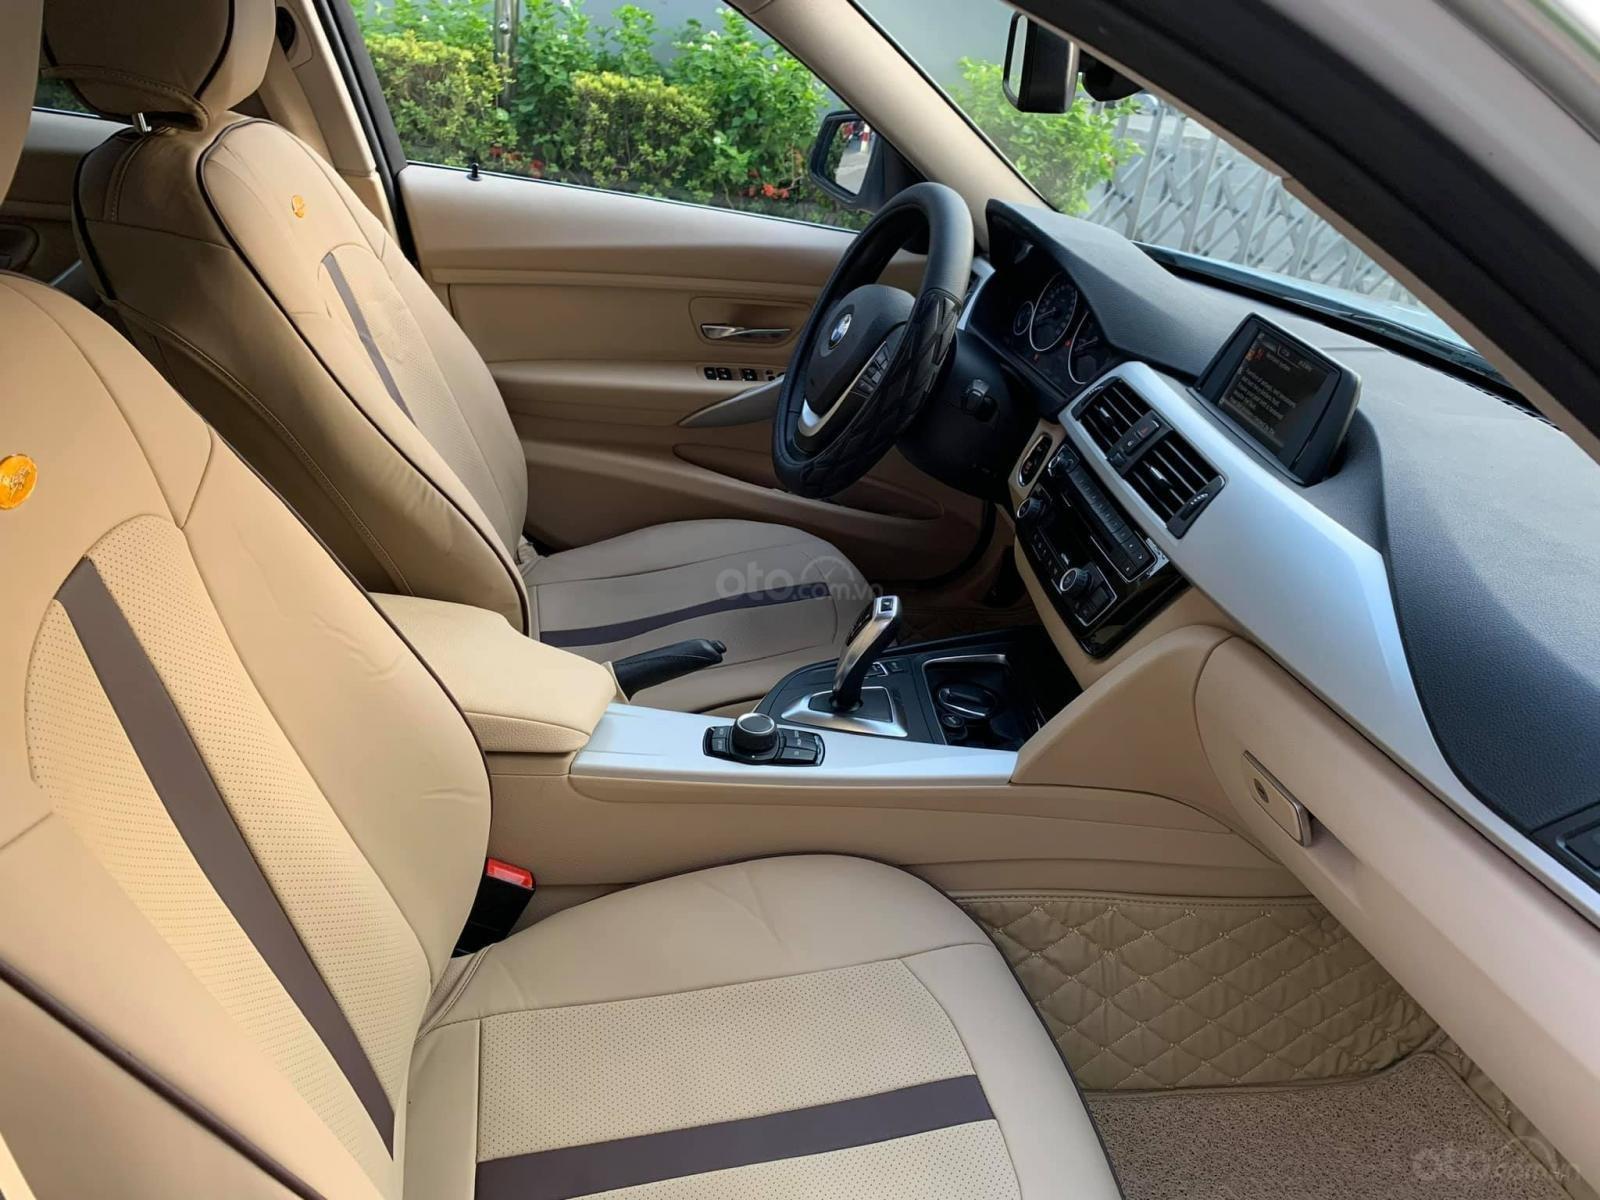 Bán BMW 320i CLI full LED model 2017, màu trắng, nội thất kem sang trọng và đầy phong cách (8)